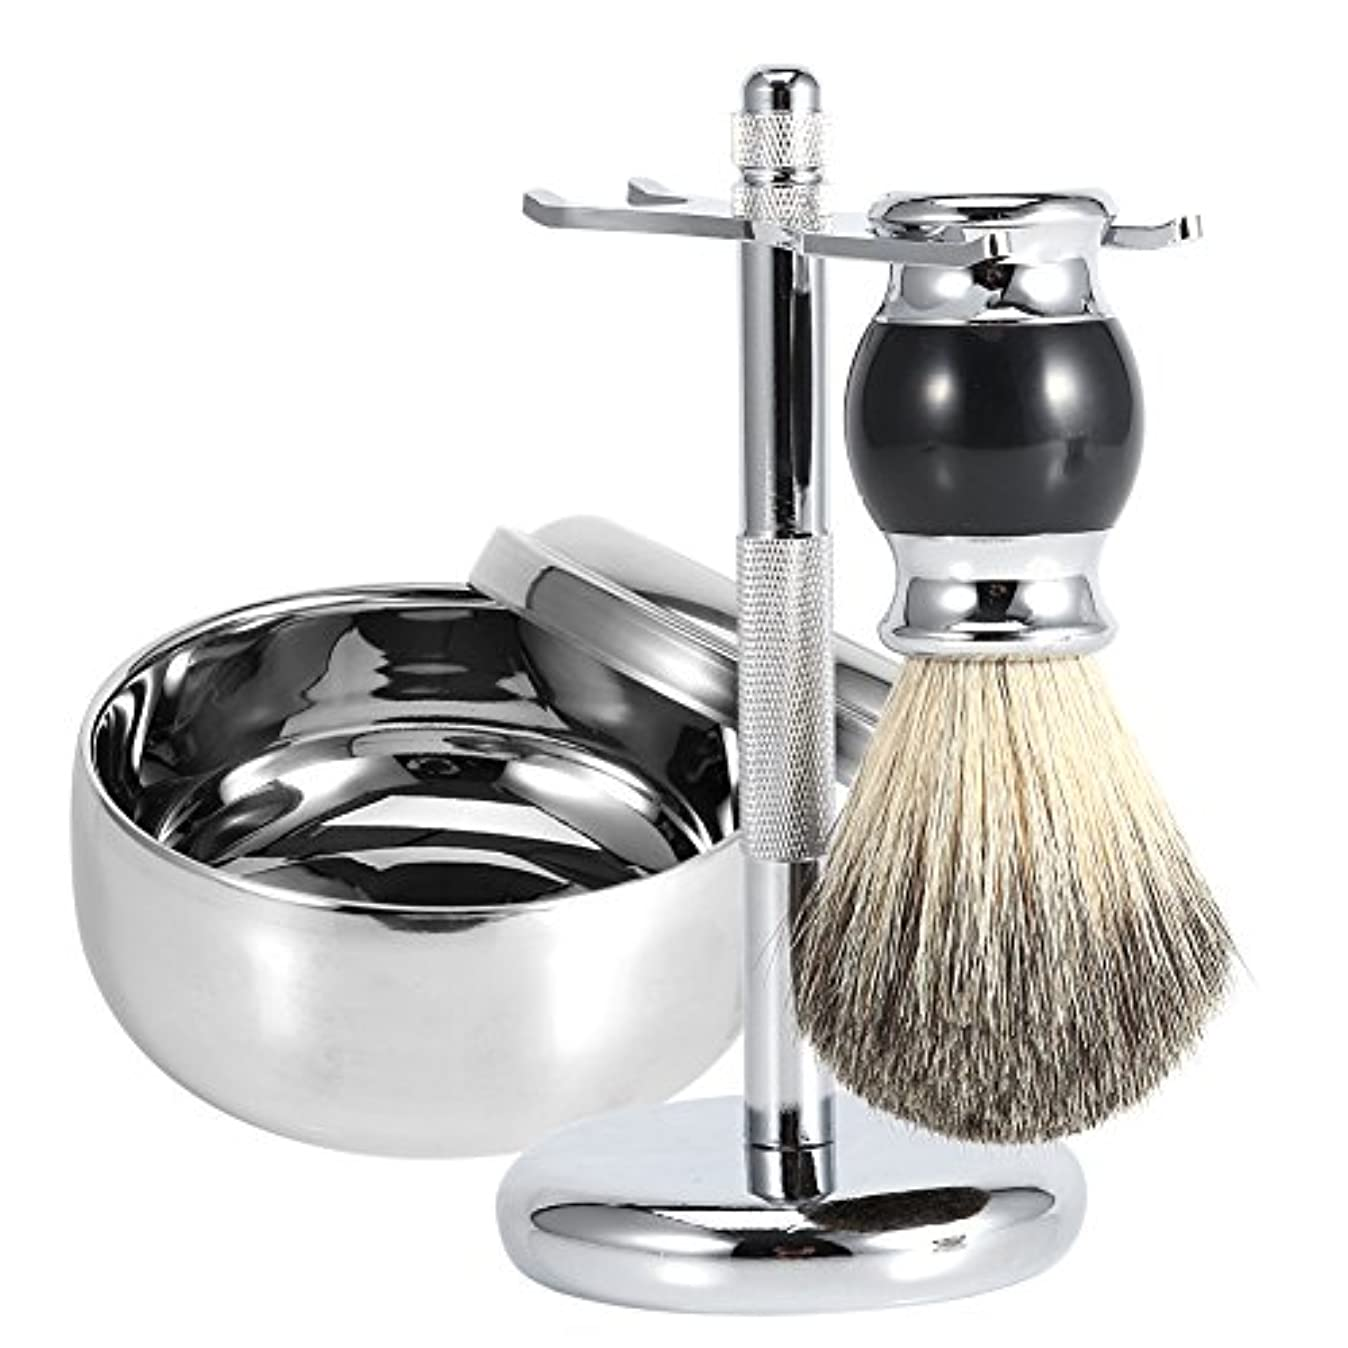 交渉するその間ショルダーシェービングブラシセット メンズシェービングツール 石鹸ボウル 理容 洗顔 髭剃り 泡立ち スタンド ホルダー フェイクバジャーヘアブラシ 合金ソープマグカップキット(3点セット銀)